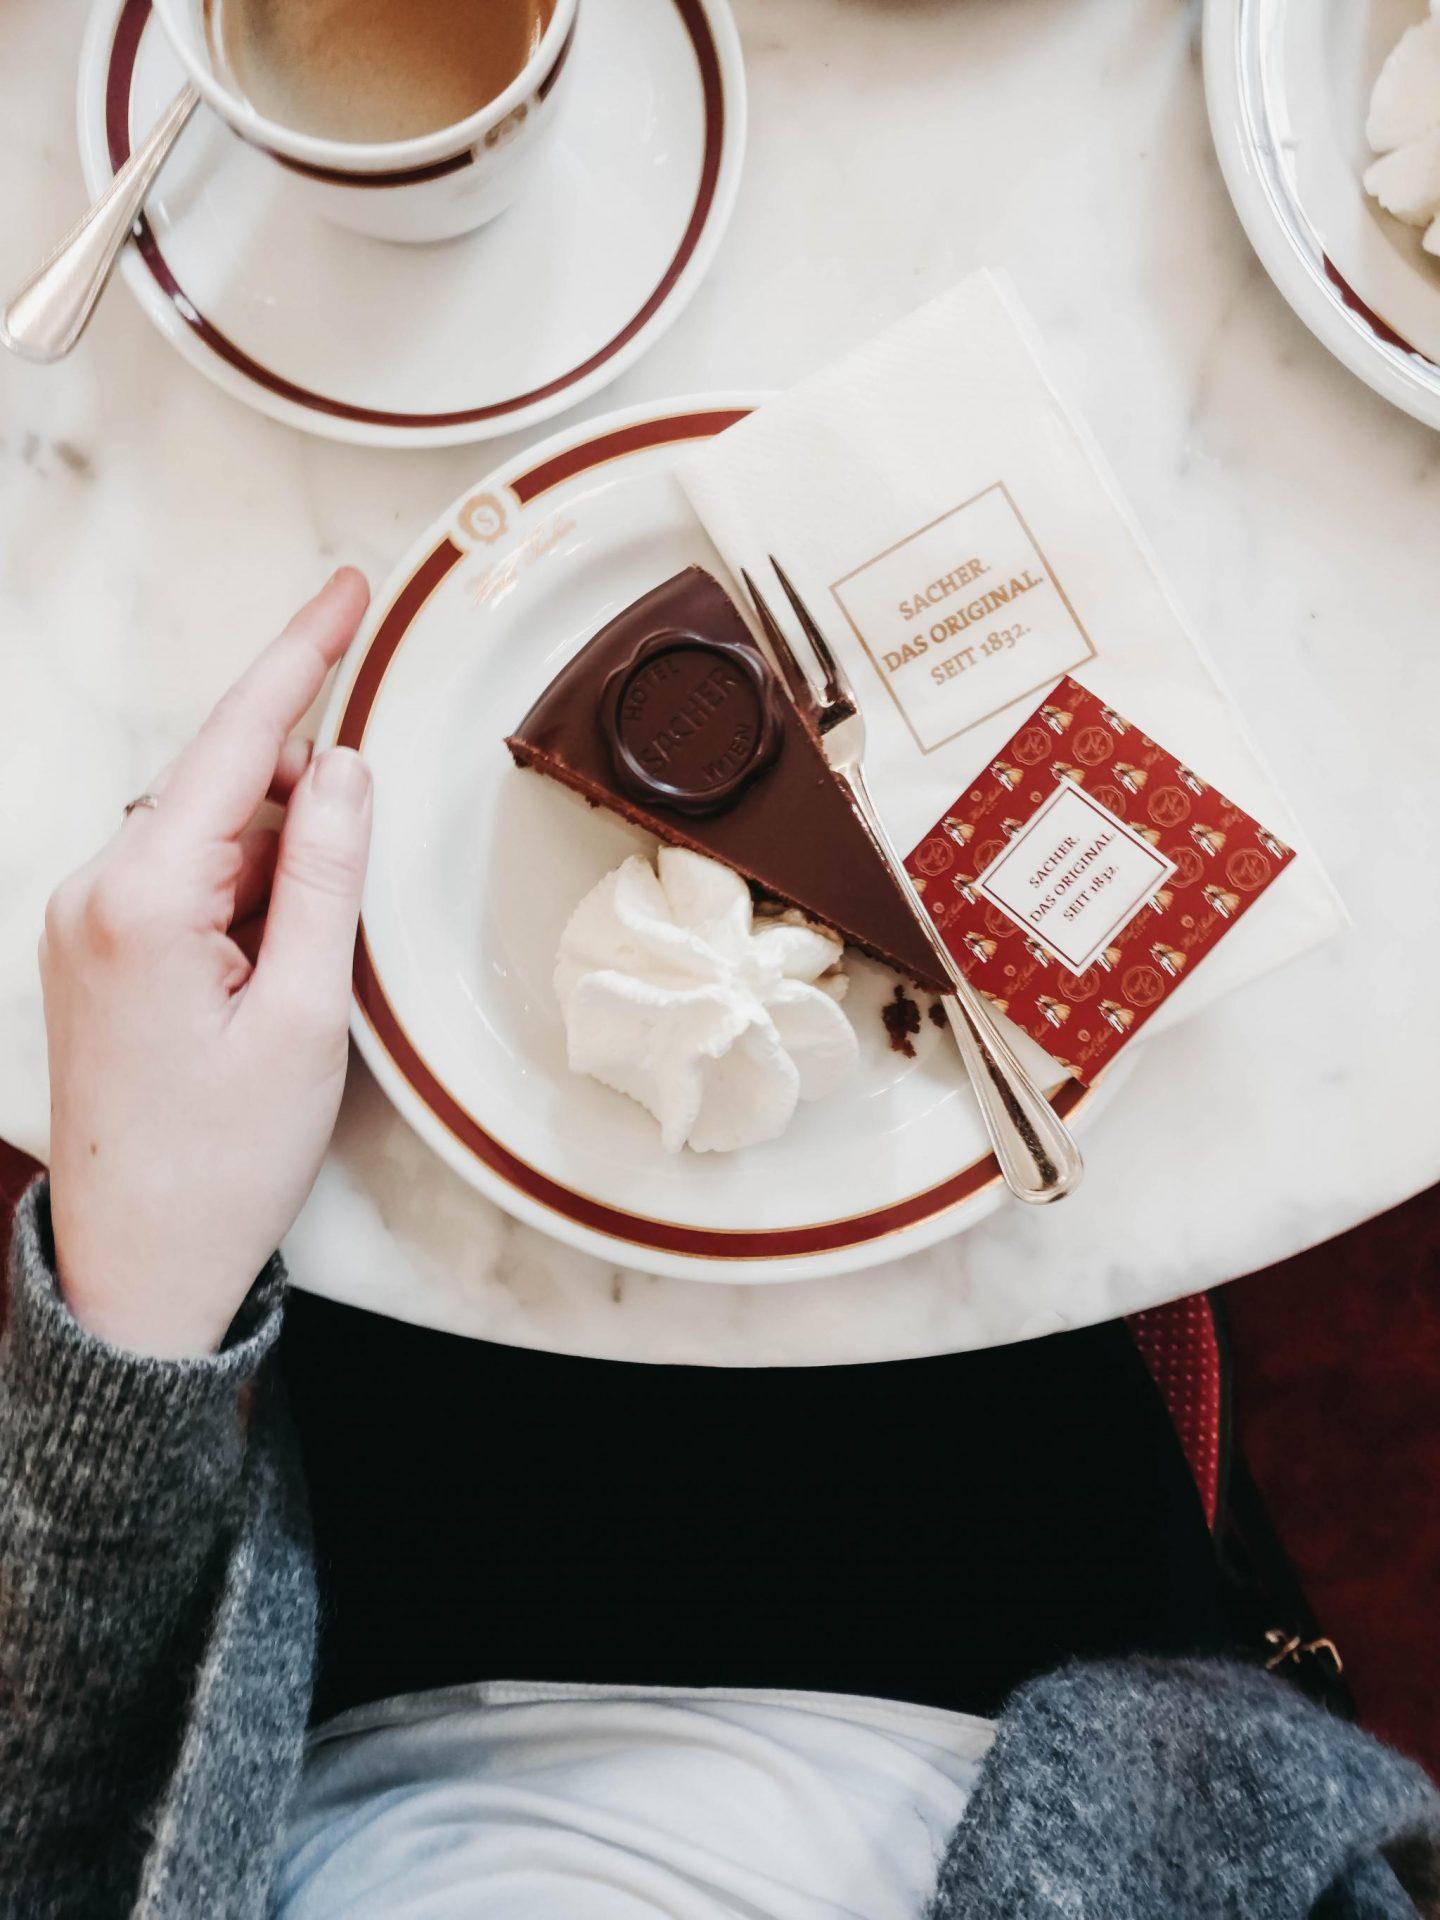 Vienna Hotel Sacher Torte